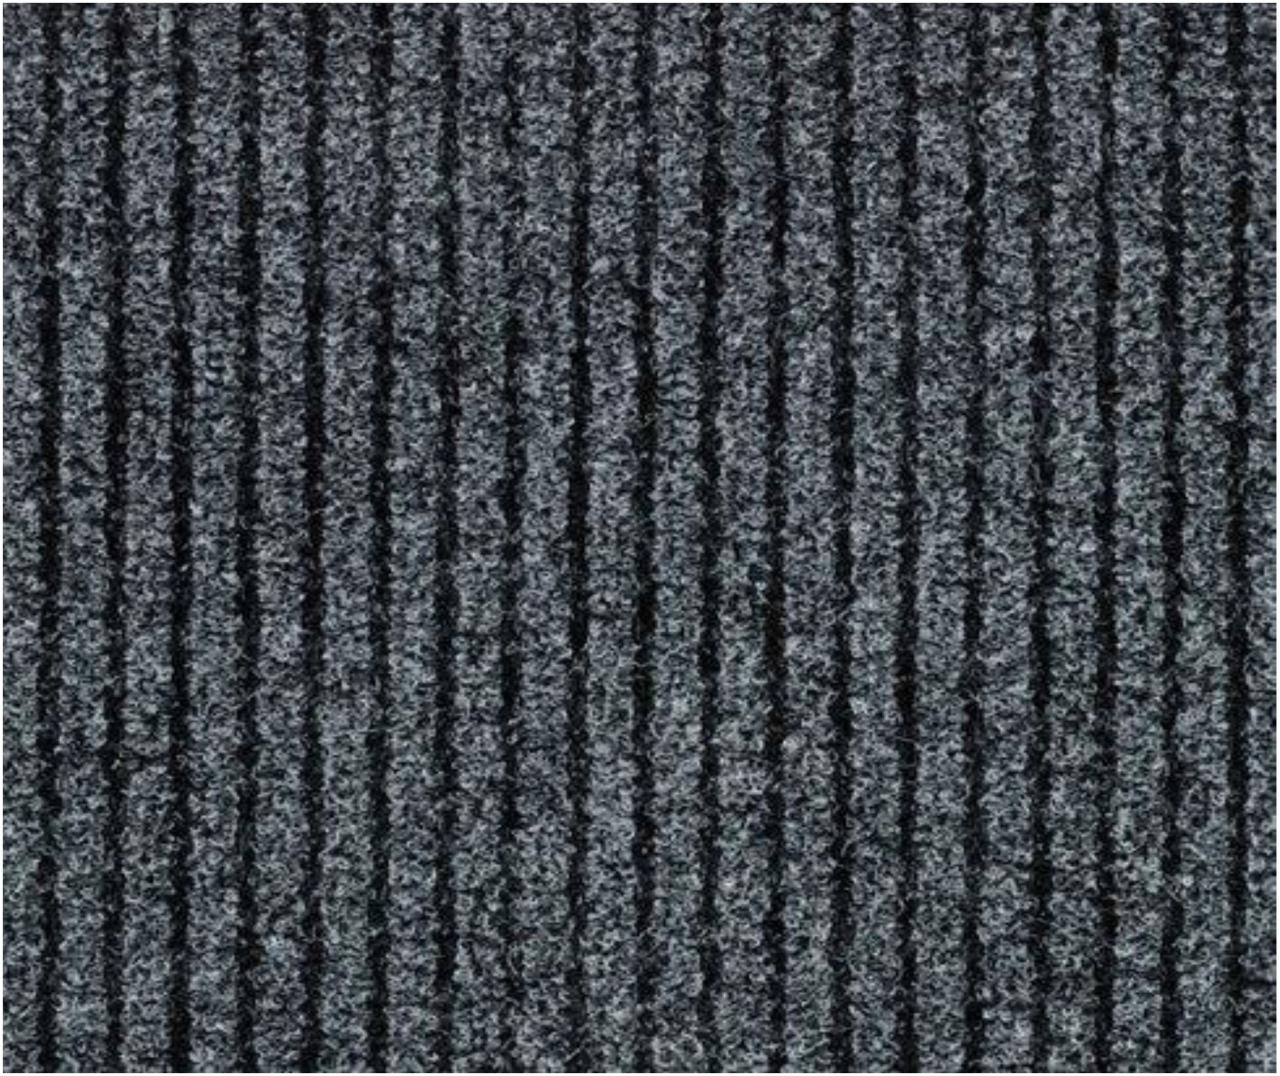 Ковровая дорожка 2213 - ANTRACIET - коллекция TRIO